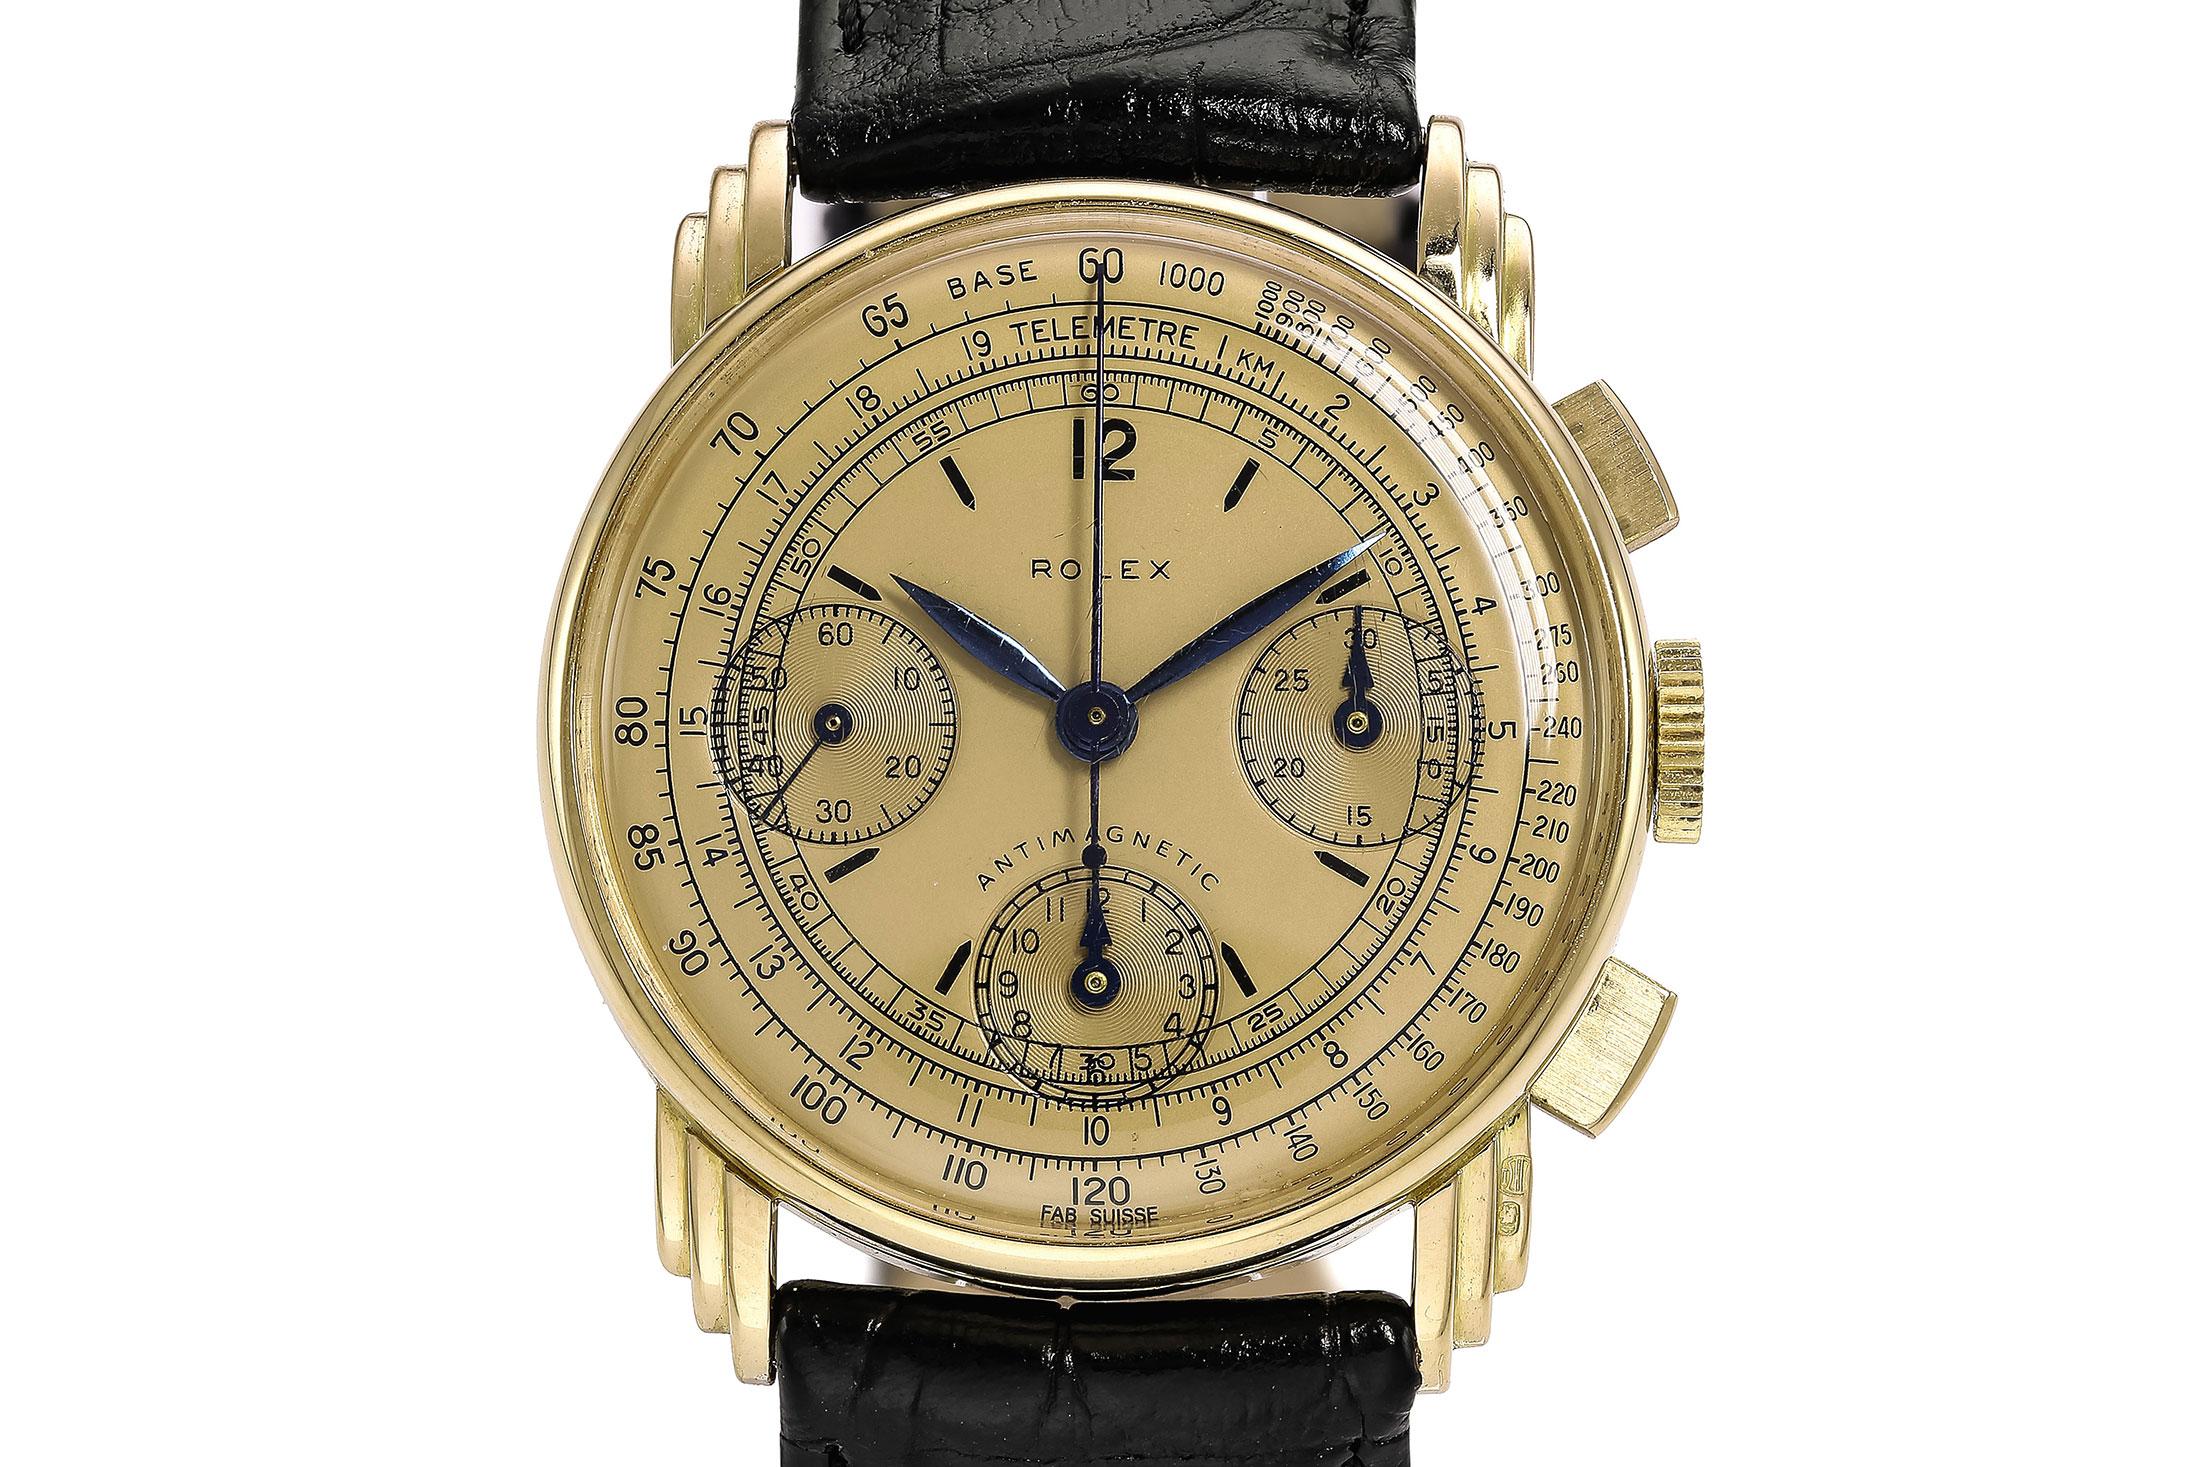 Rolex Fancy Lug Chronograph (Lot 206)